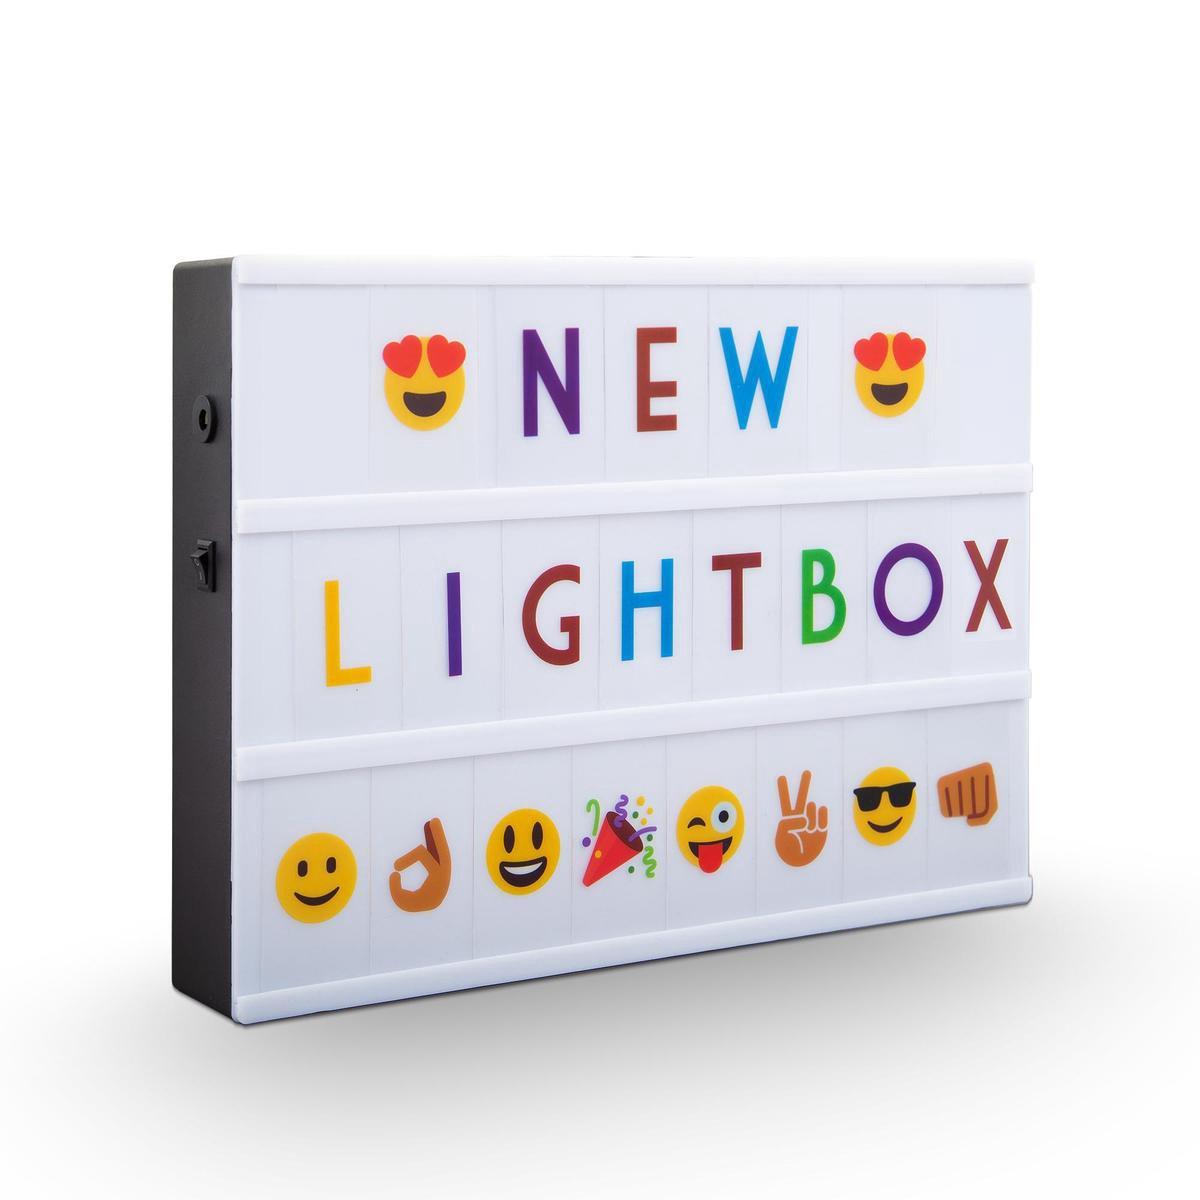 B.K.Licht - LED Lightbox - moederdag cadeautje - A4 - USB - batterij - cadeau - 220 letters - in zwart en gekleurd